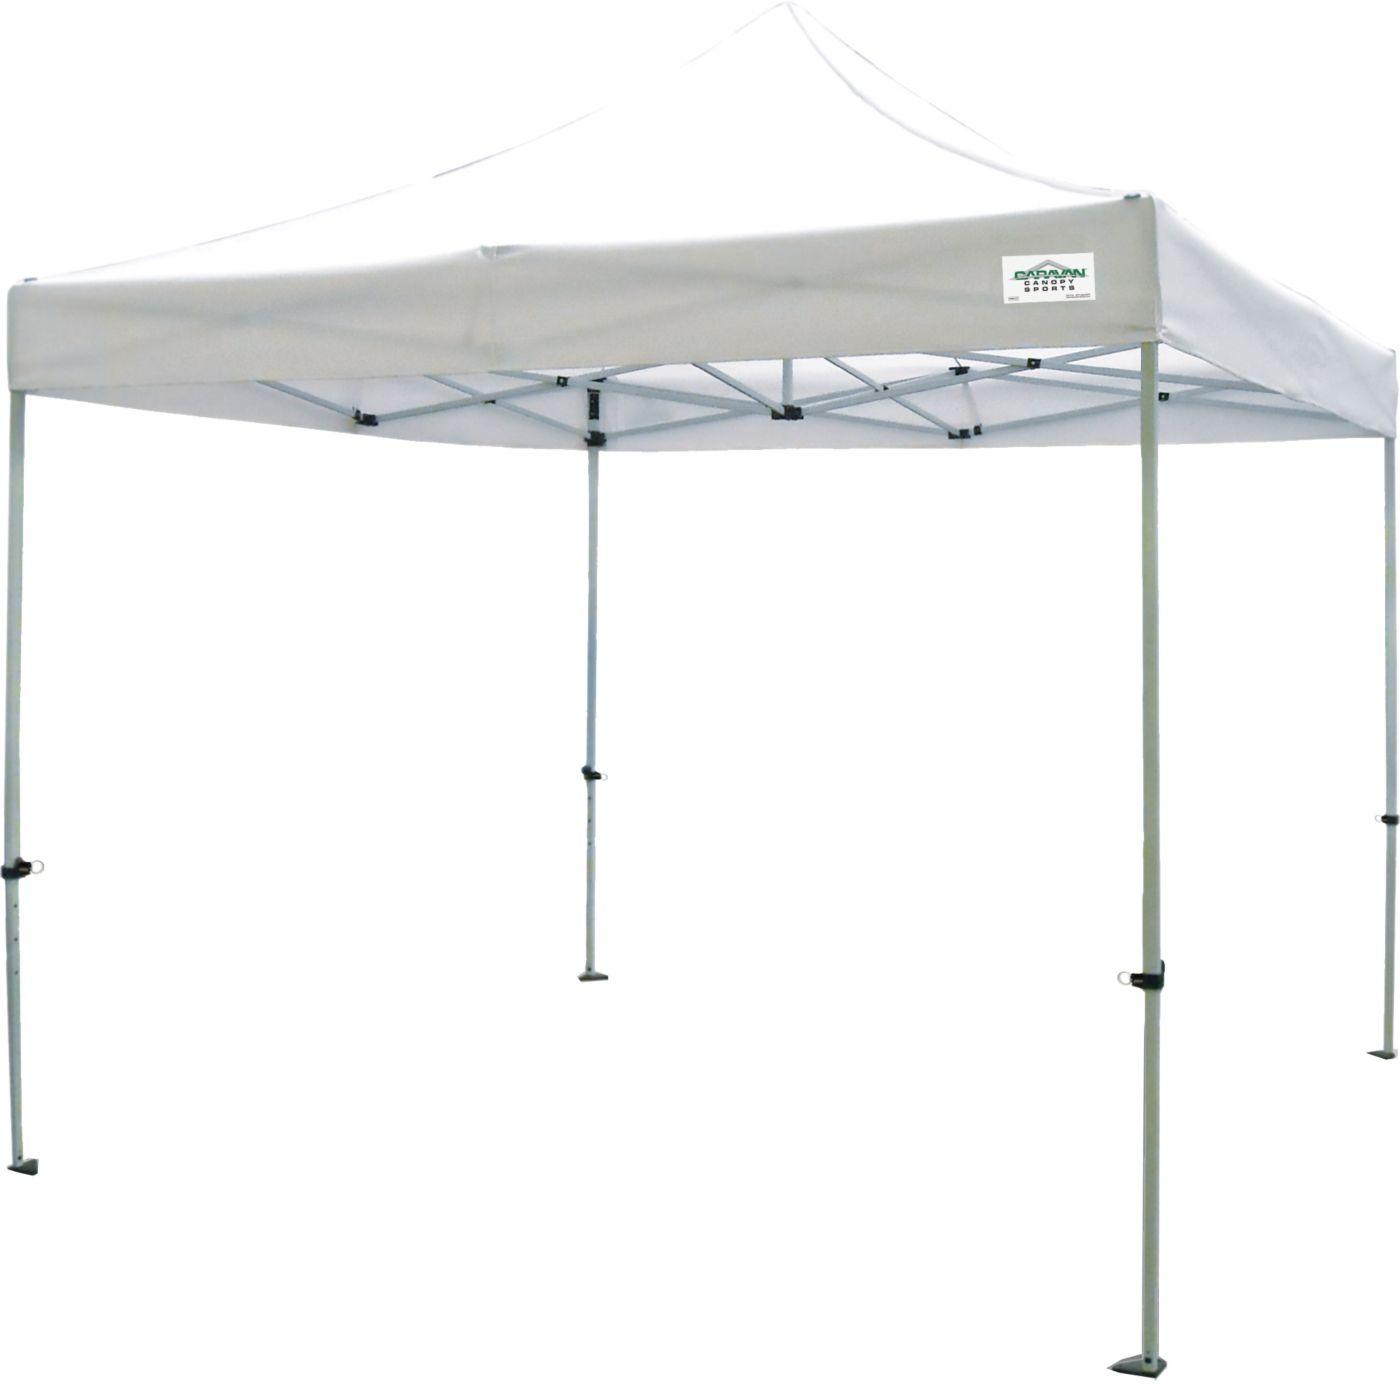 Caravan TitanShade 10' x 10' Canopy